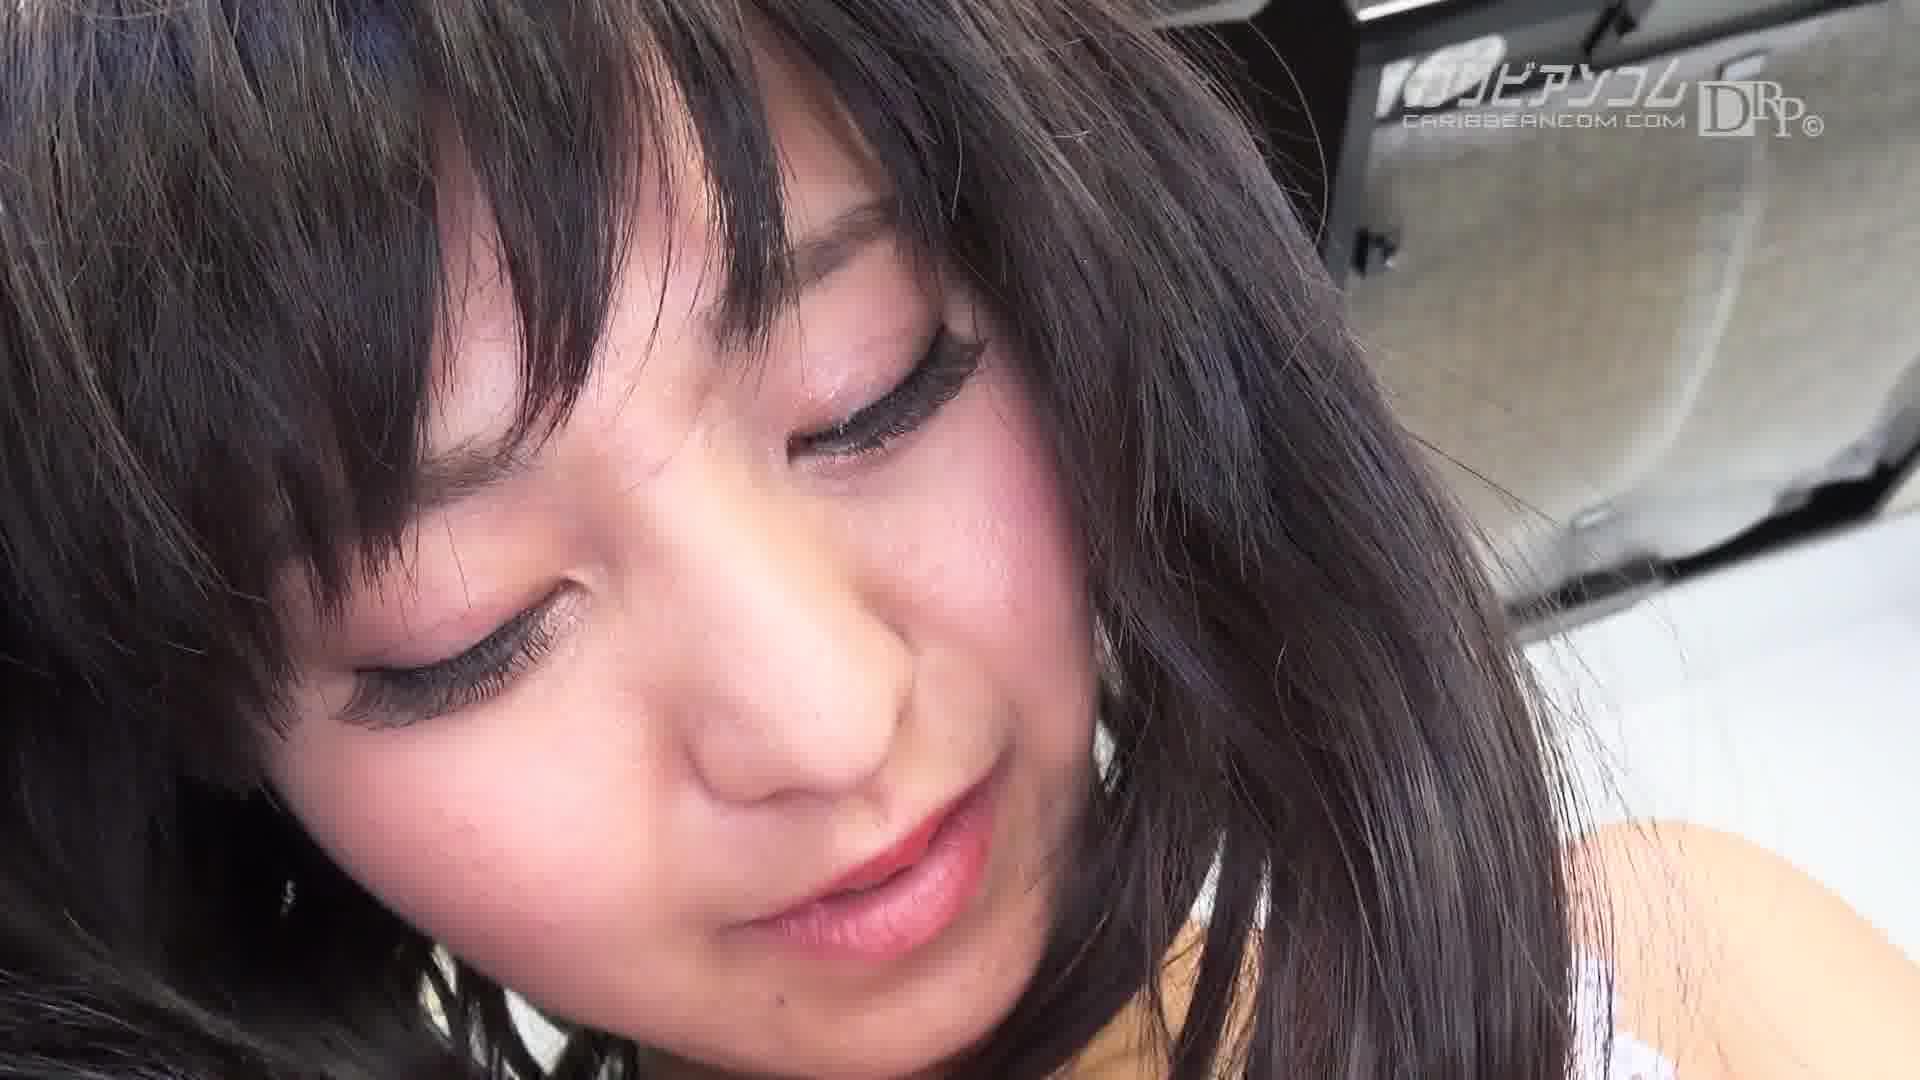 広瀬優希がぼくのお嫁さん - 広瀬優希【パイズリ・エプロン・中出し】